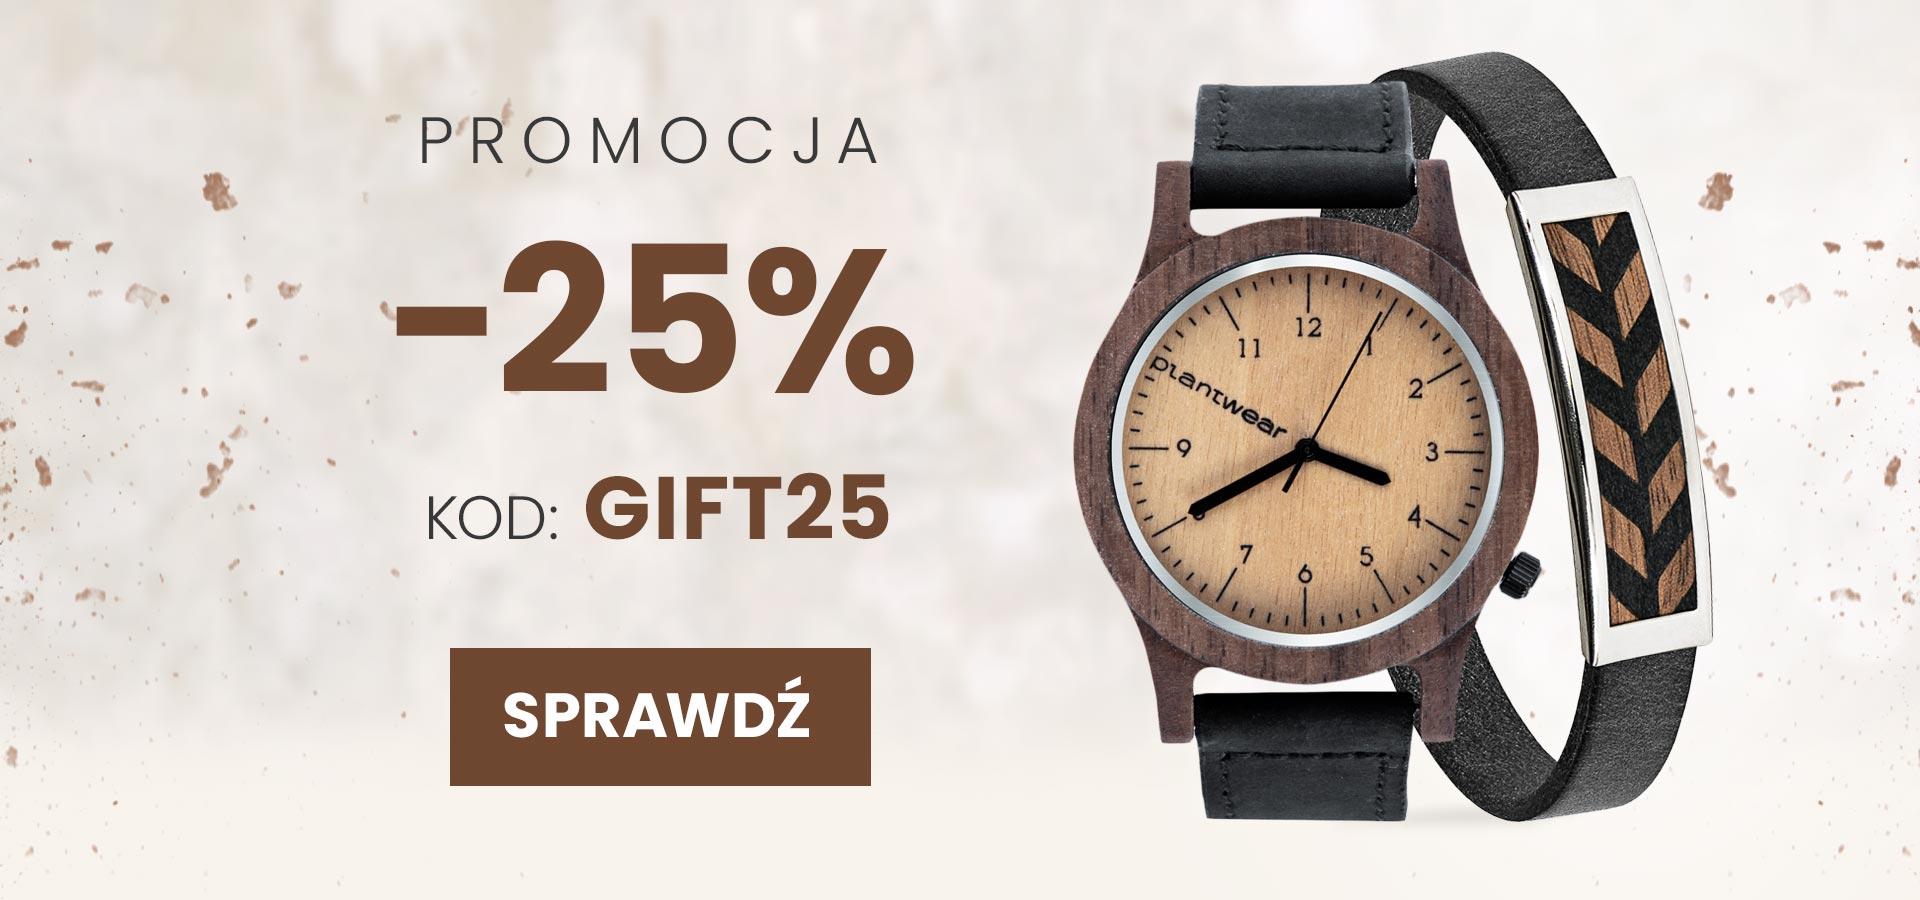 PL_Promocja_-25%_1920x900